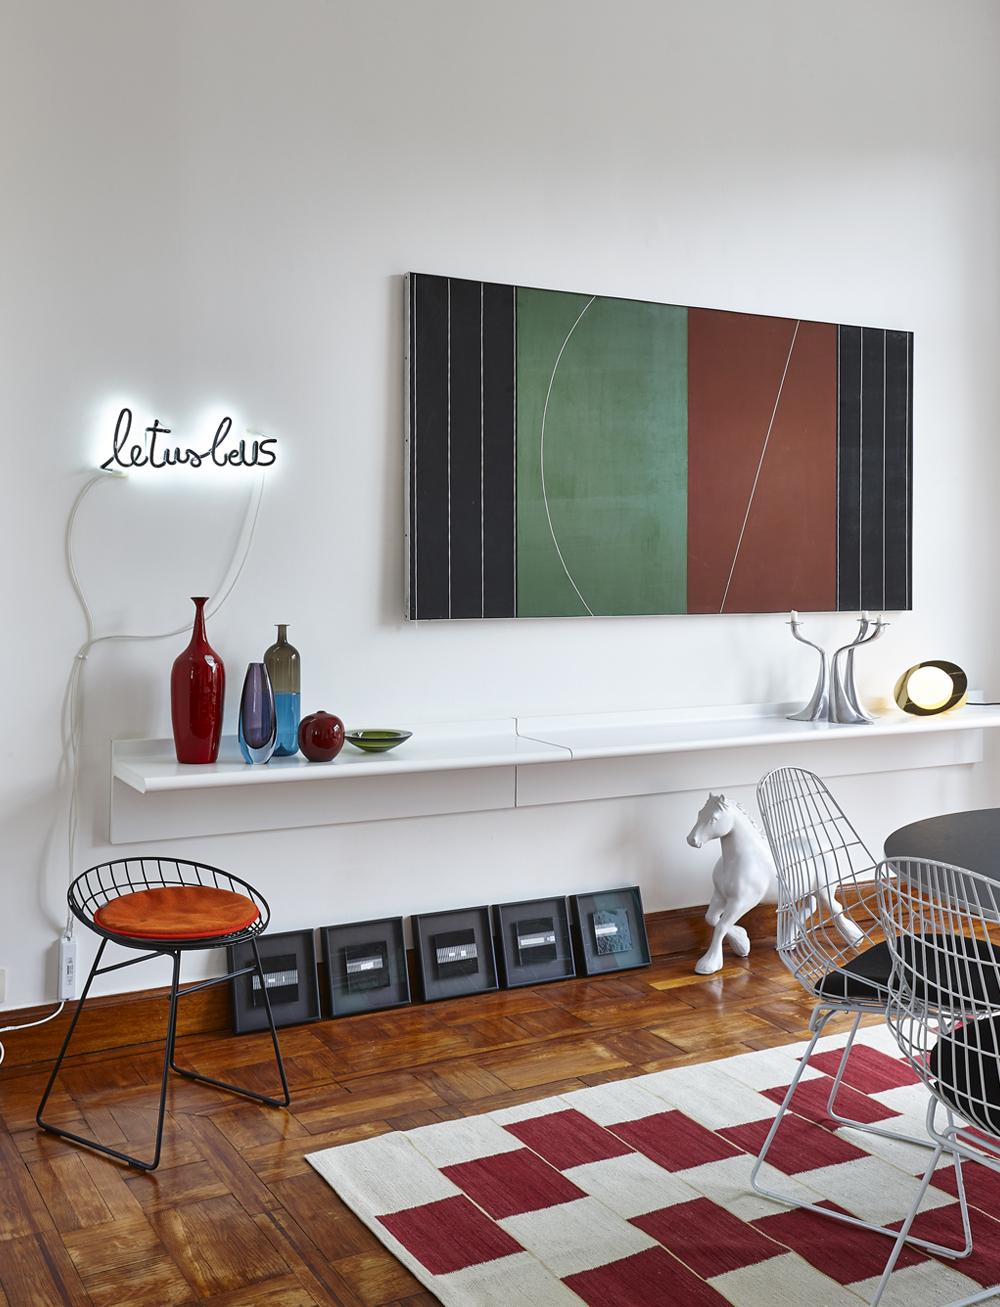 michel penneman interior design brussels bruxelles house maison